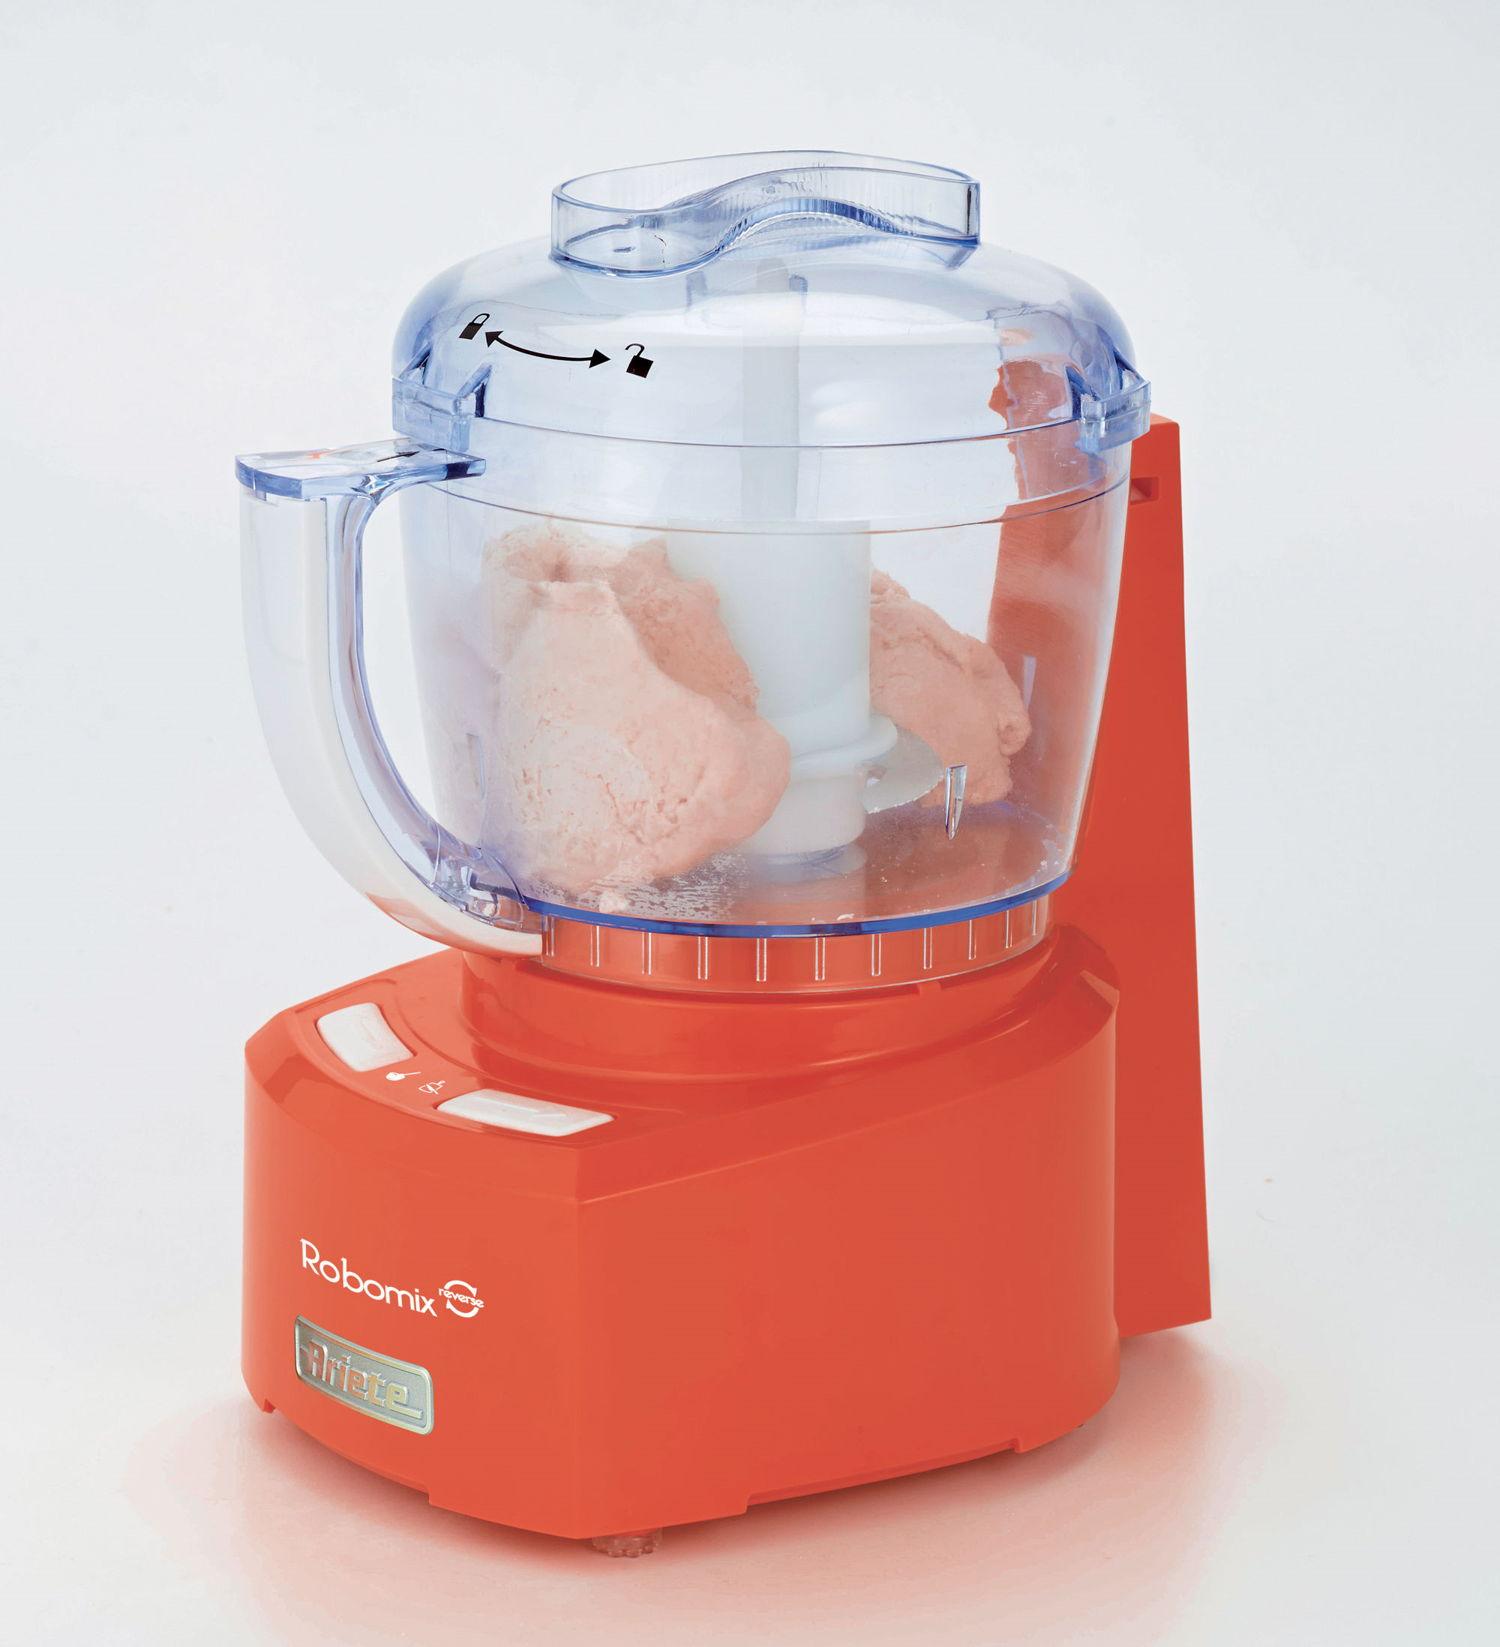 Robomix reverse arancione ariete store - Robot da cucina offerte ...